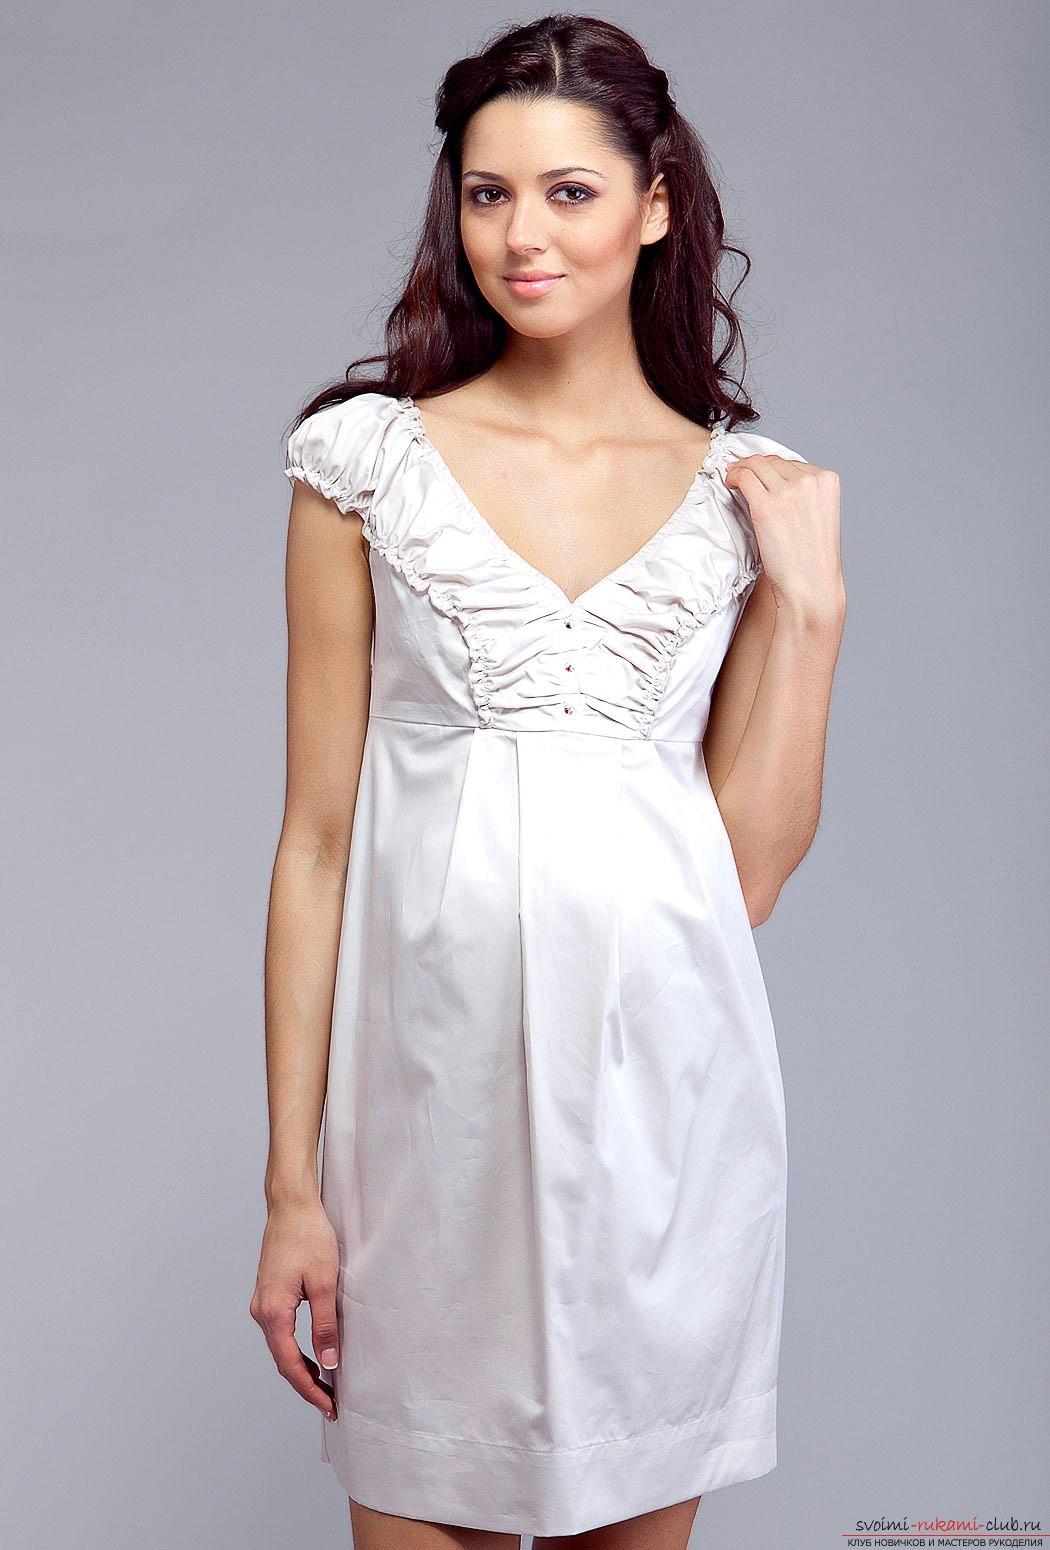 следственный модели платьев для шитья фото древности